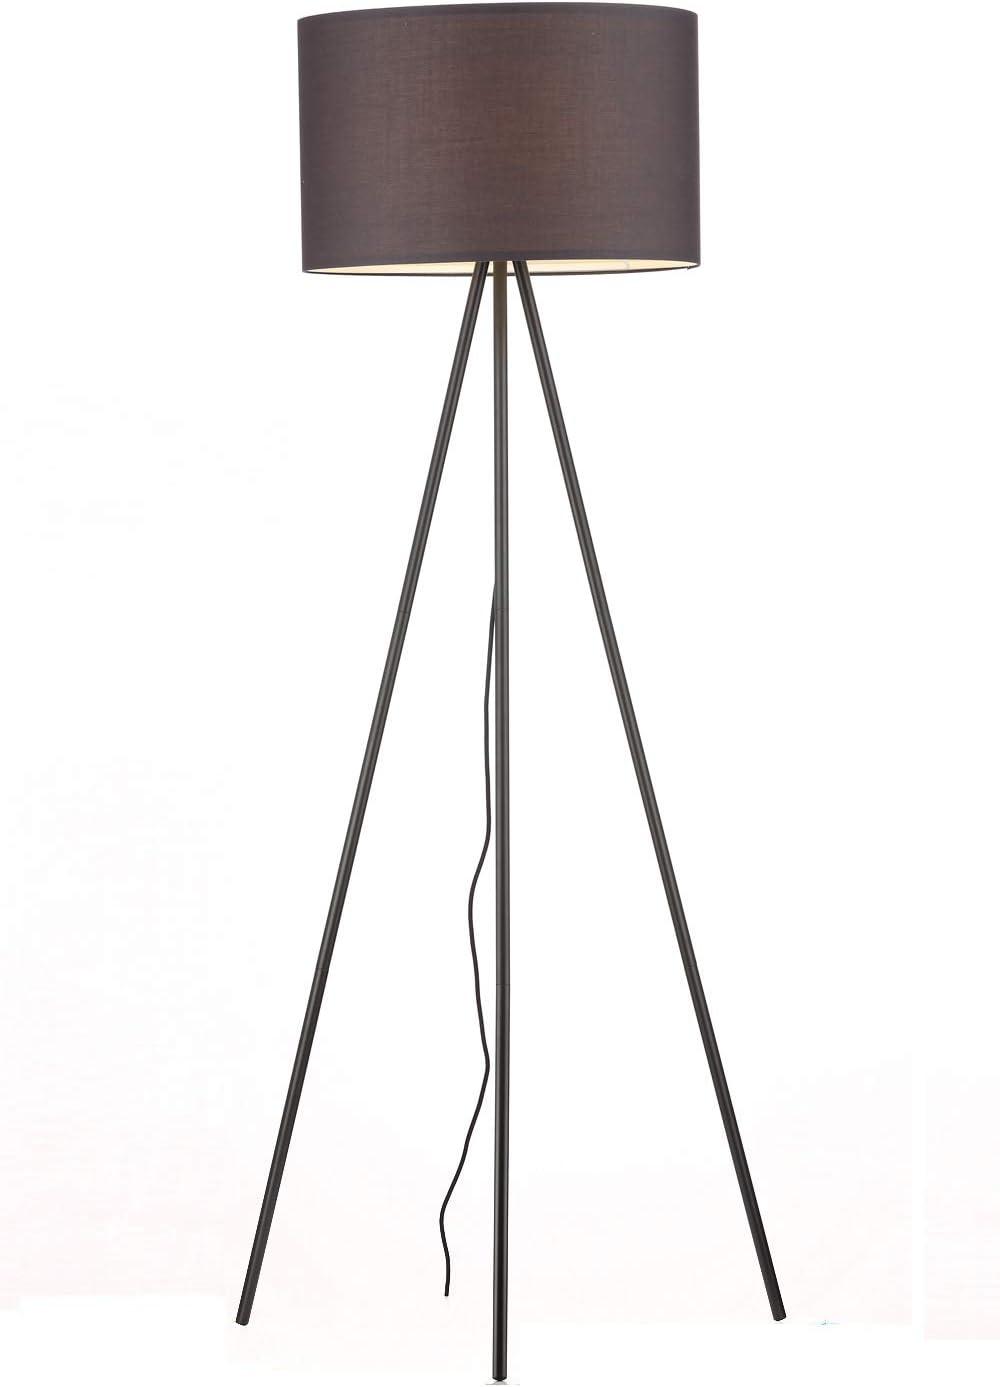 Modernluci Stehlampe Stativ Modern Stehleuchte Grau Fur Das